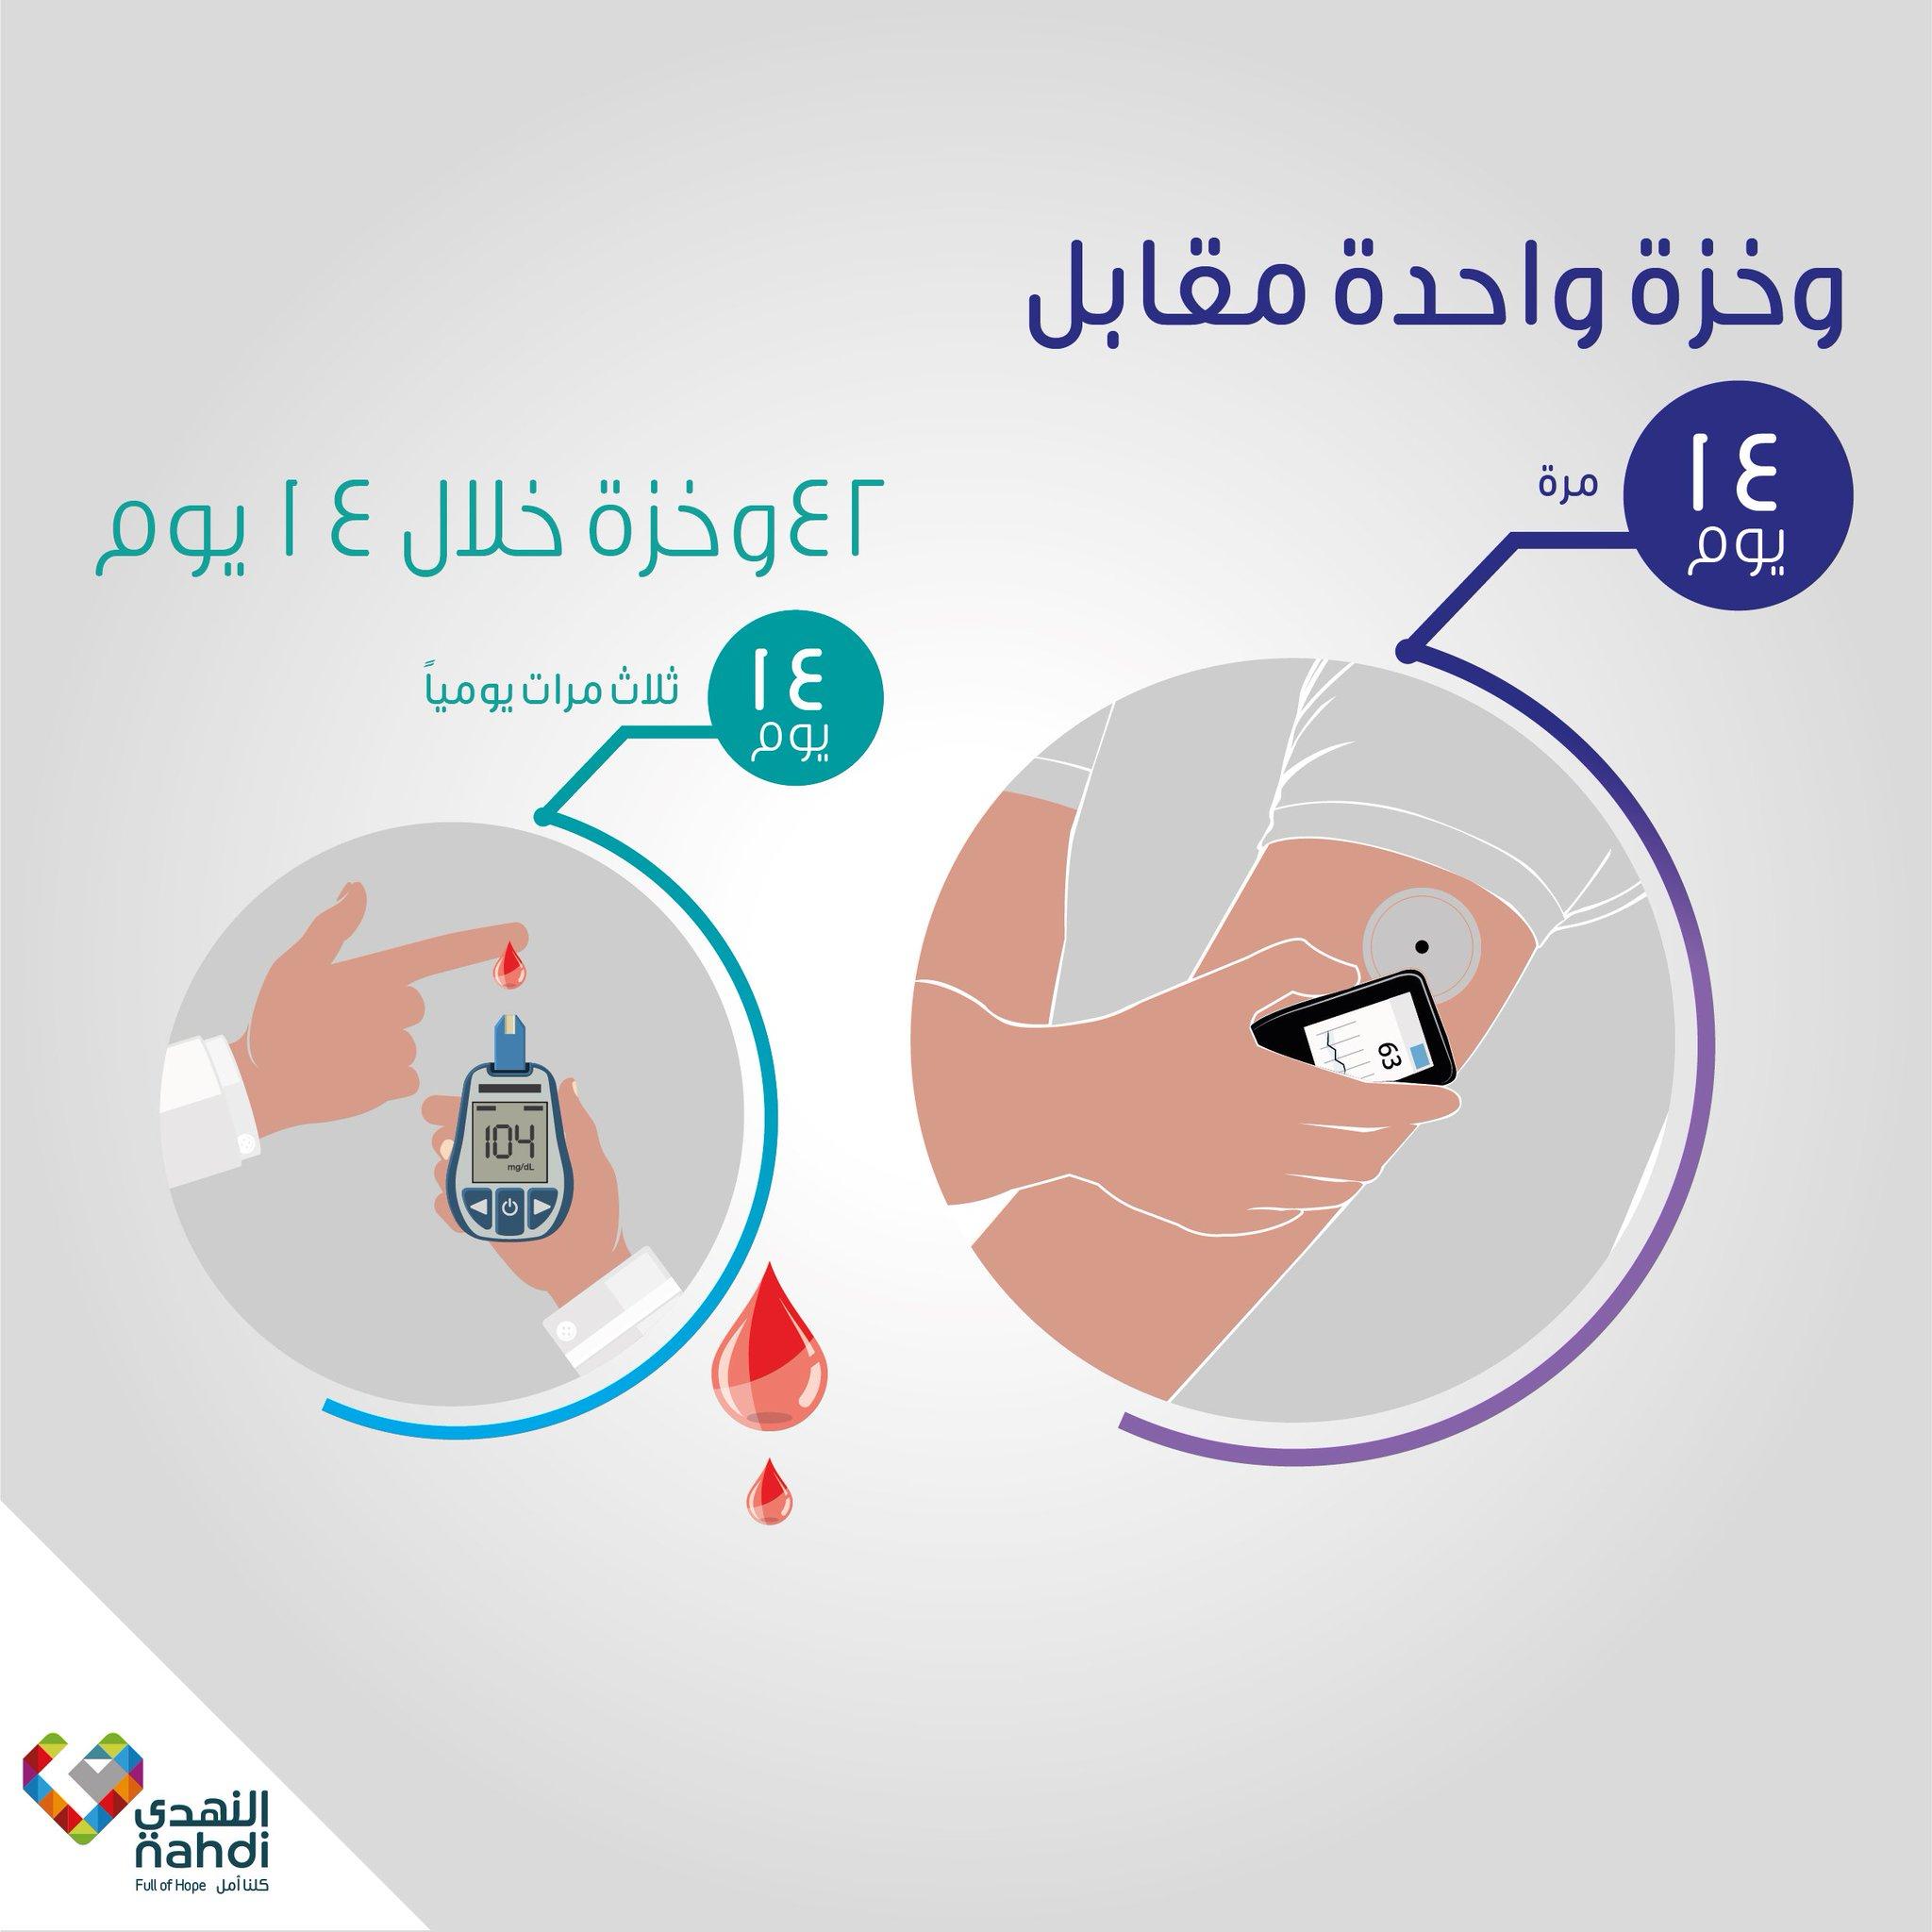 Nahdihope Pa Twitter مع التقنية الحديثة لقياس السكر بدون وخز يحتاج جهاز فري ستايل ليبري الى مجس واحد فقط يدوم لمدة ١٤ يوم من تاريخ التركيب بينما قد تحتاج إلى ٤٢ وخزة